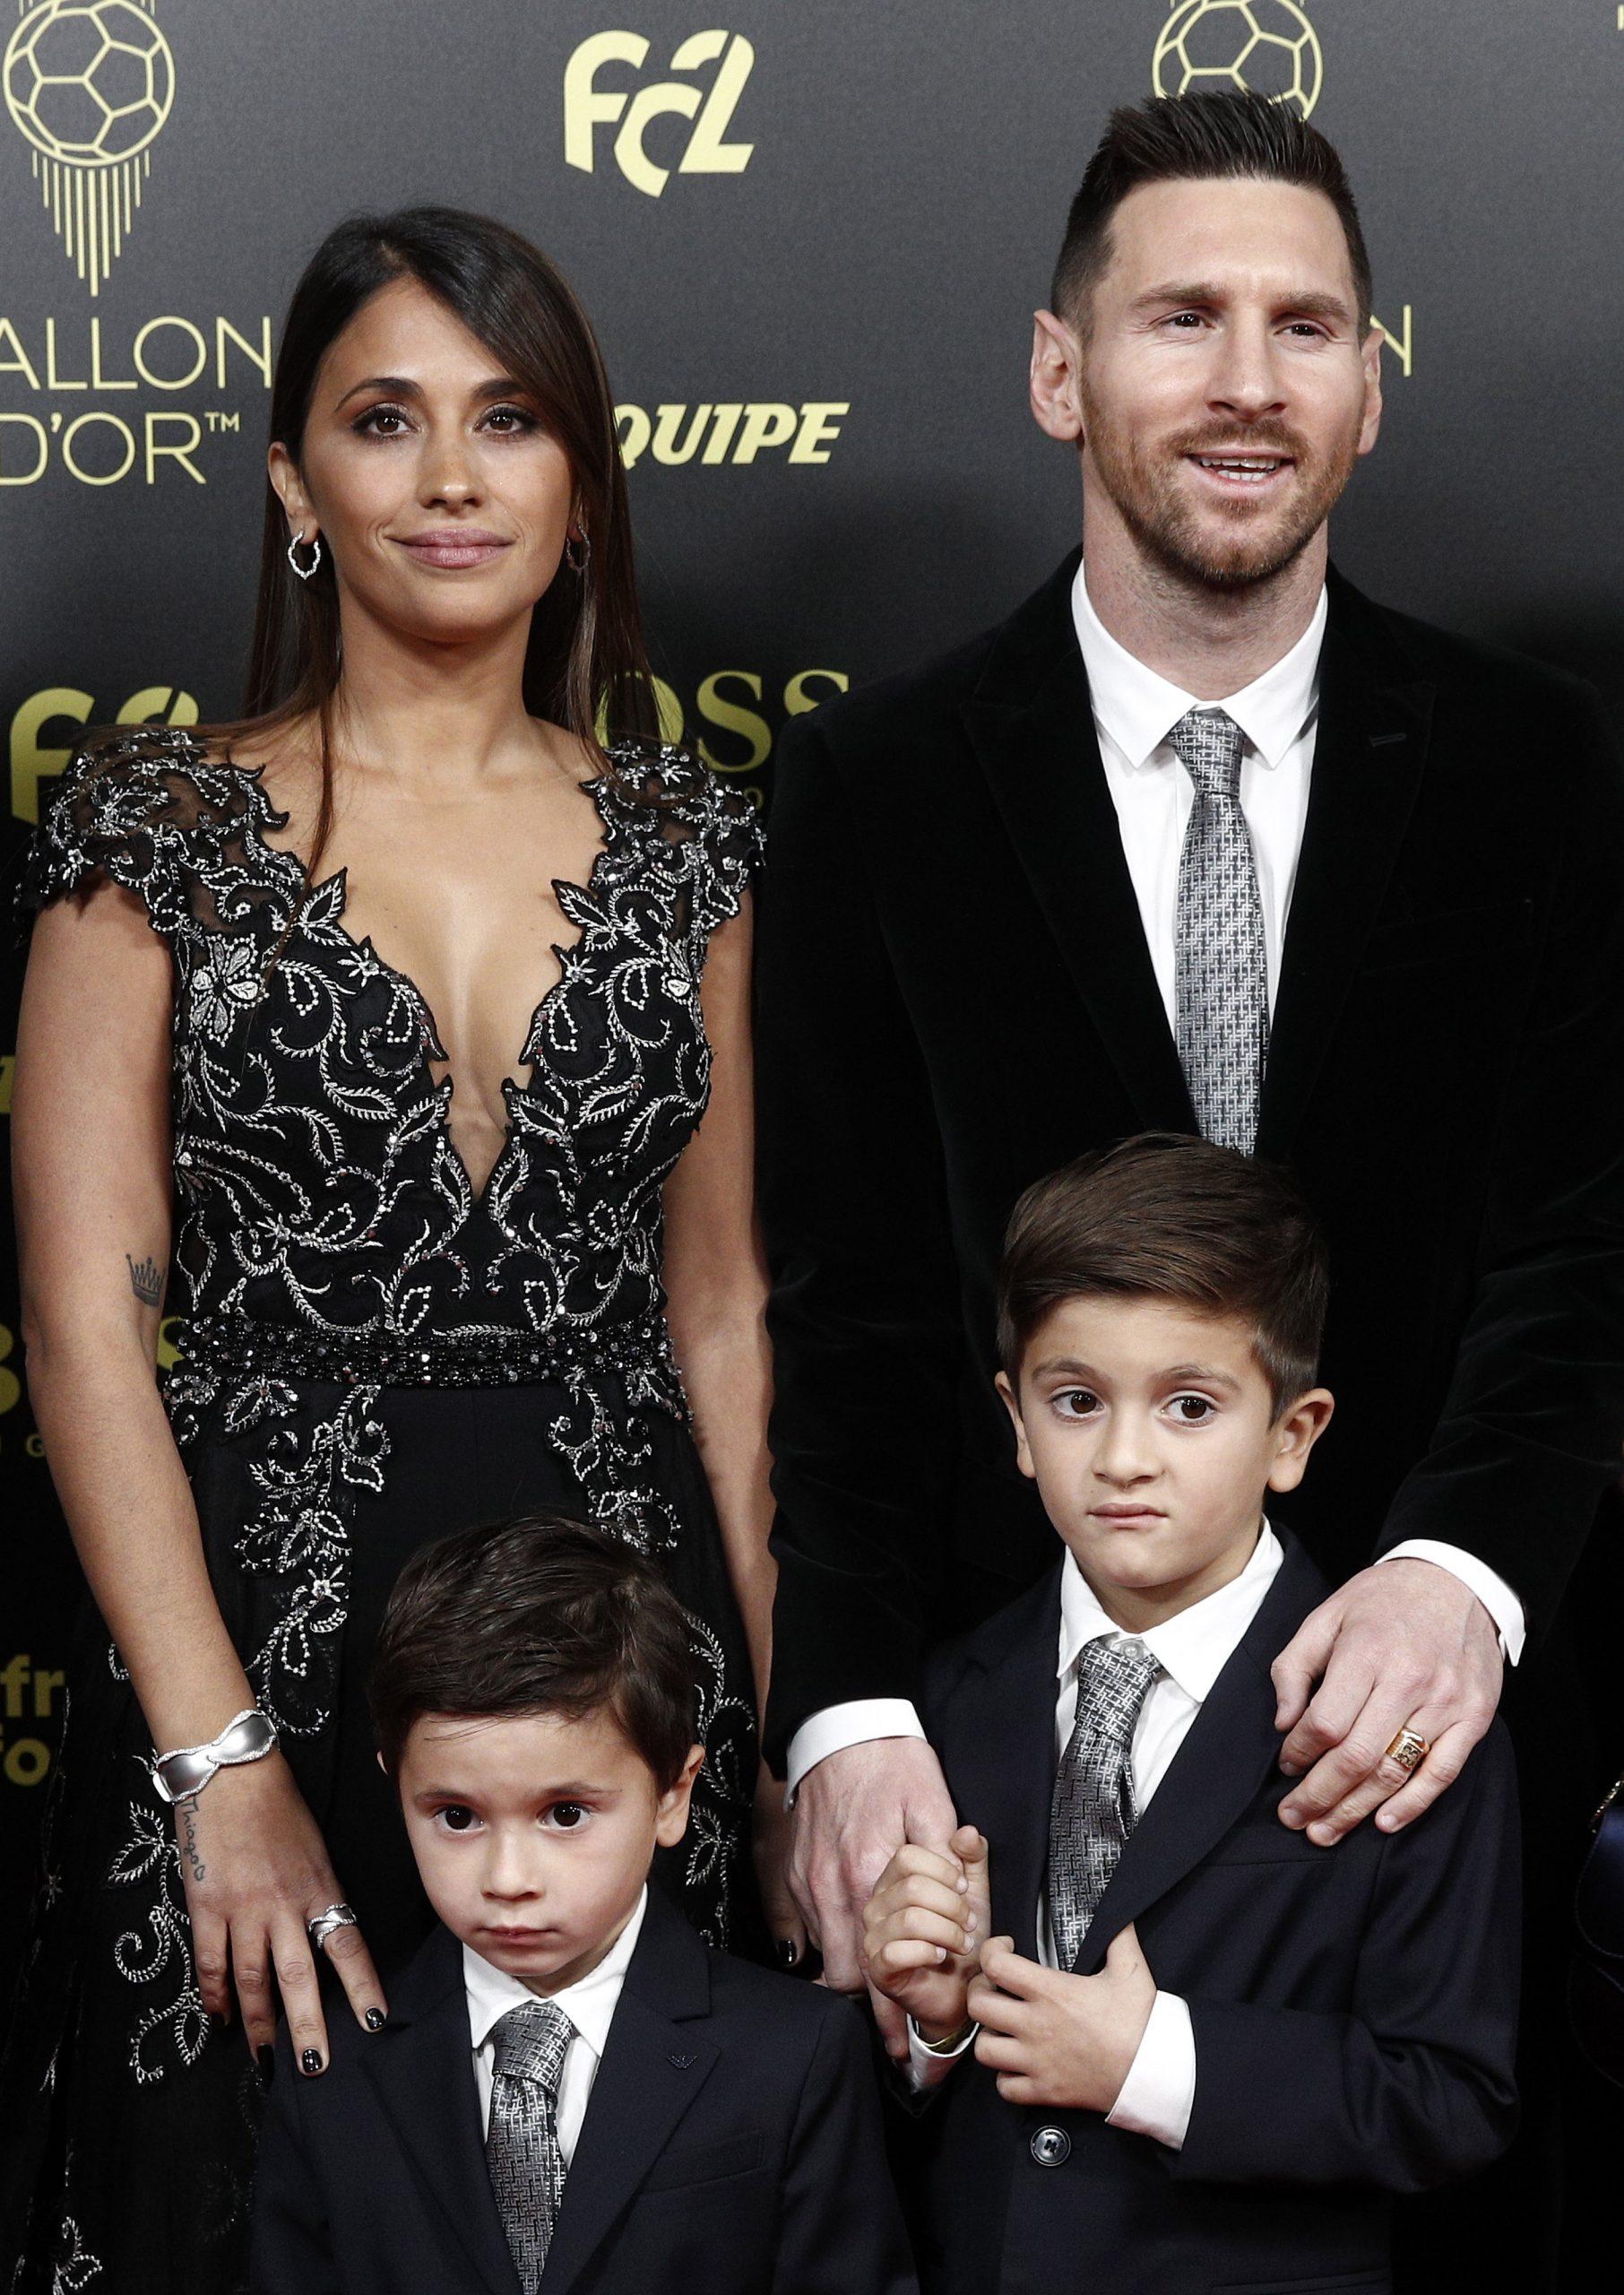 Lionel Messi, a Barcelona csatára a felesége, Antonella Roccuzzo, valamint gyermekeik, Thiago (j) és Mateo társaságában az év legjobb labdarúgójának járó Aranylabda átadási ünnepségére érkezik / Fotó: MTI/EPA